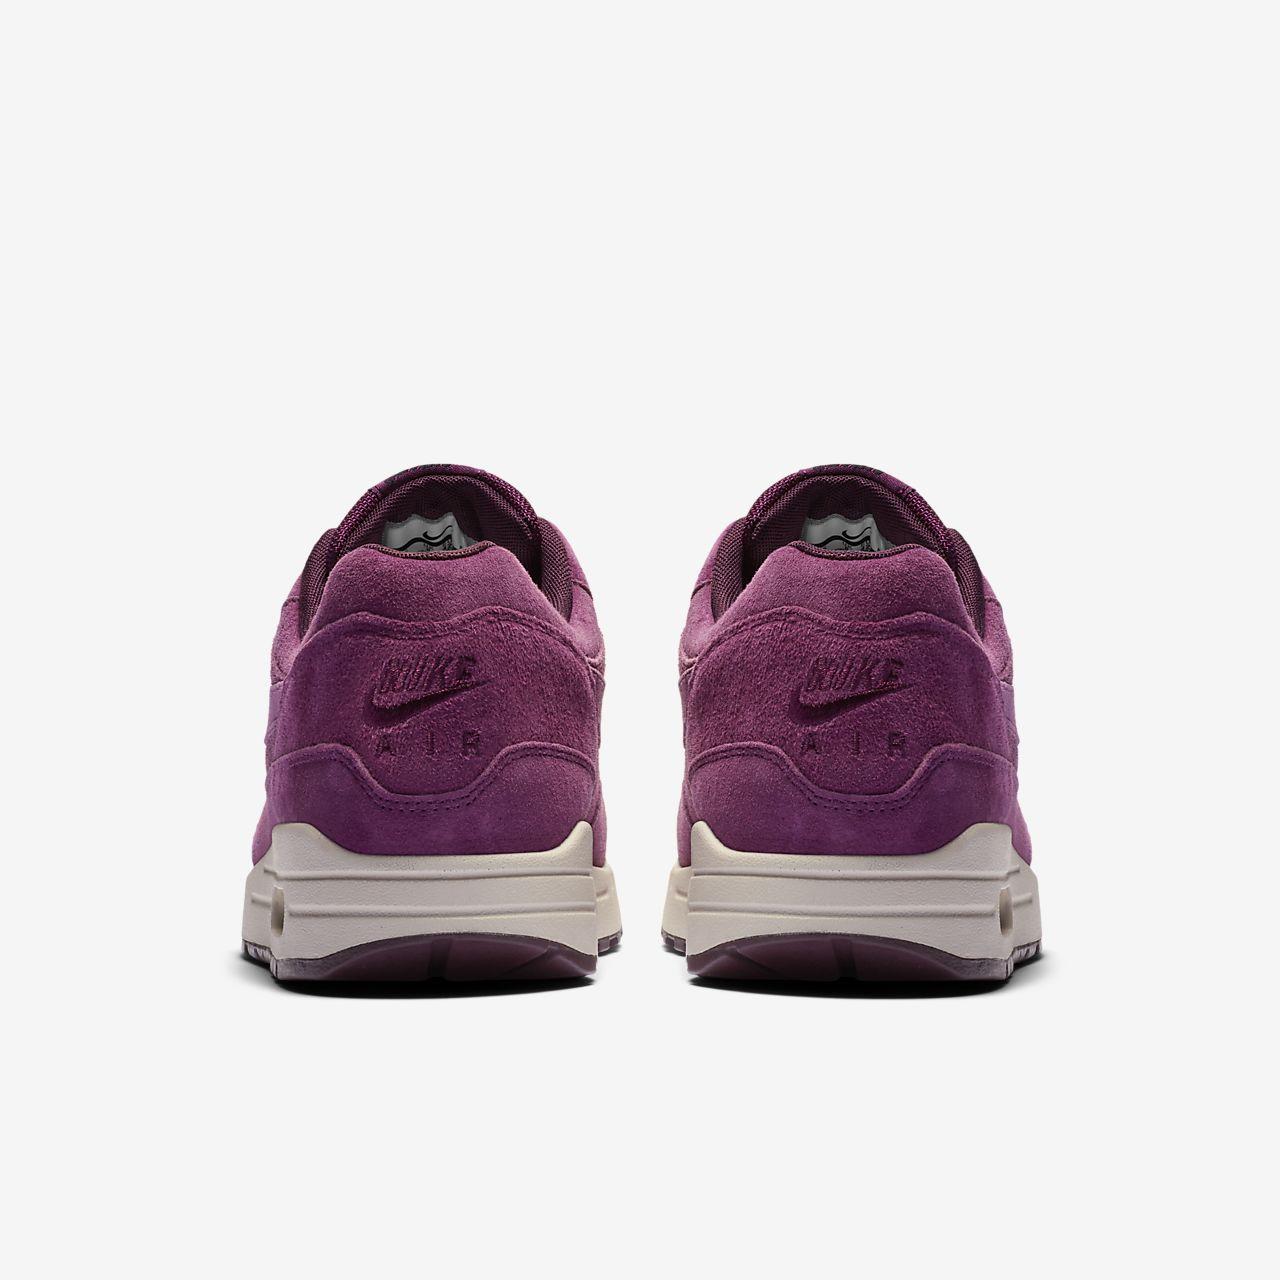 pretty nice cf4b9 d7ea7 ... Nike Air Max 1 Premium Men s Shoe